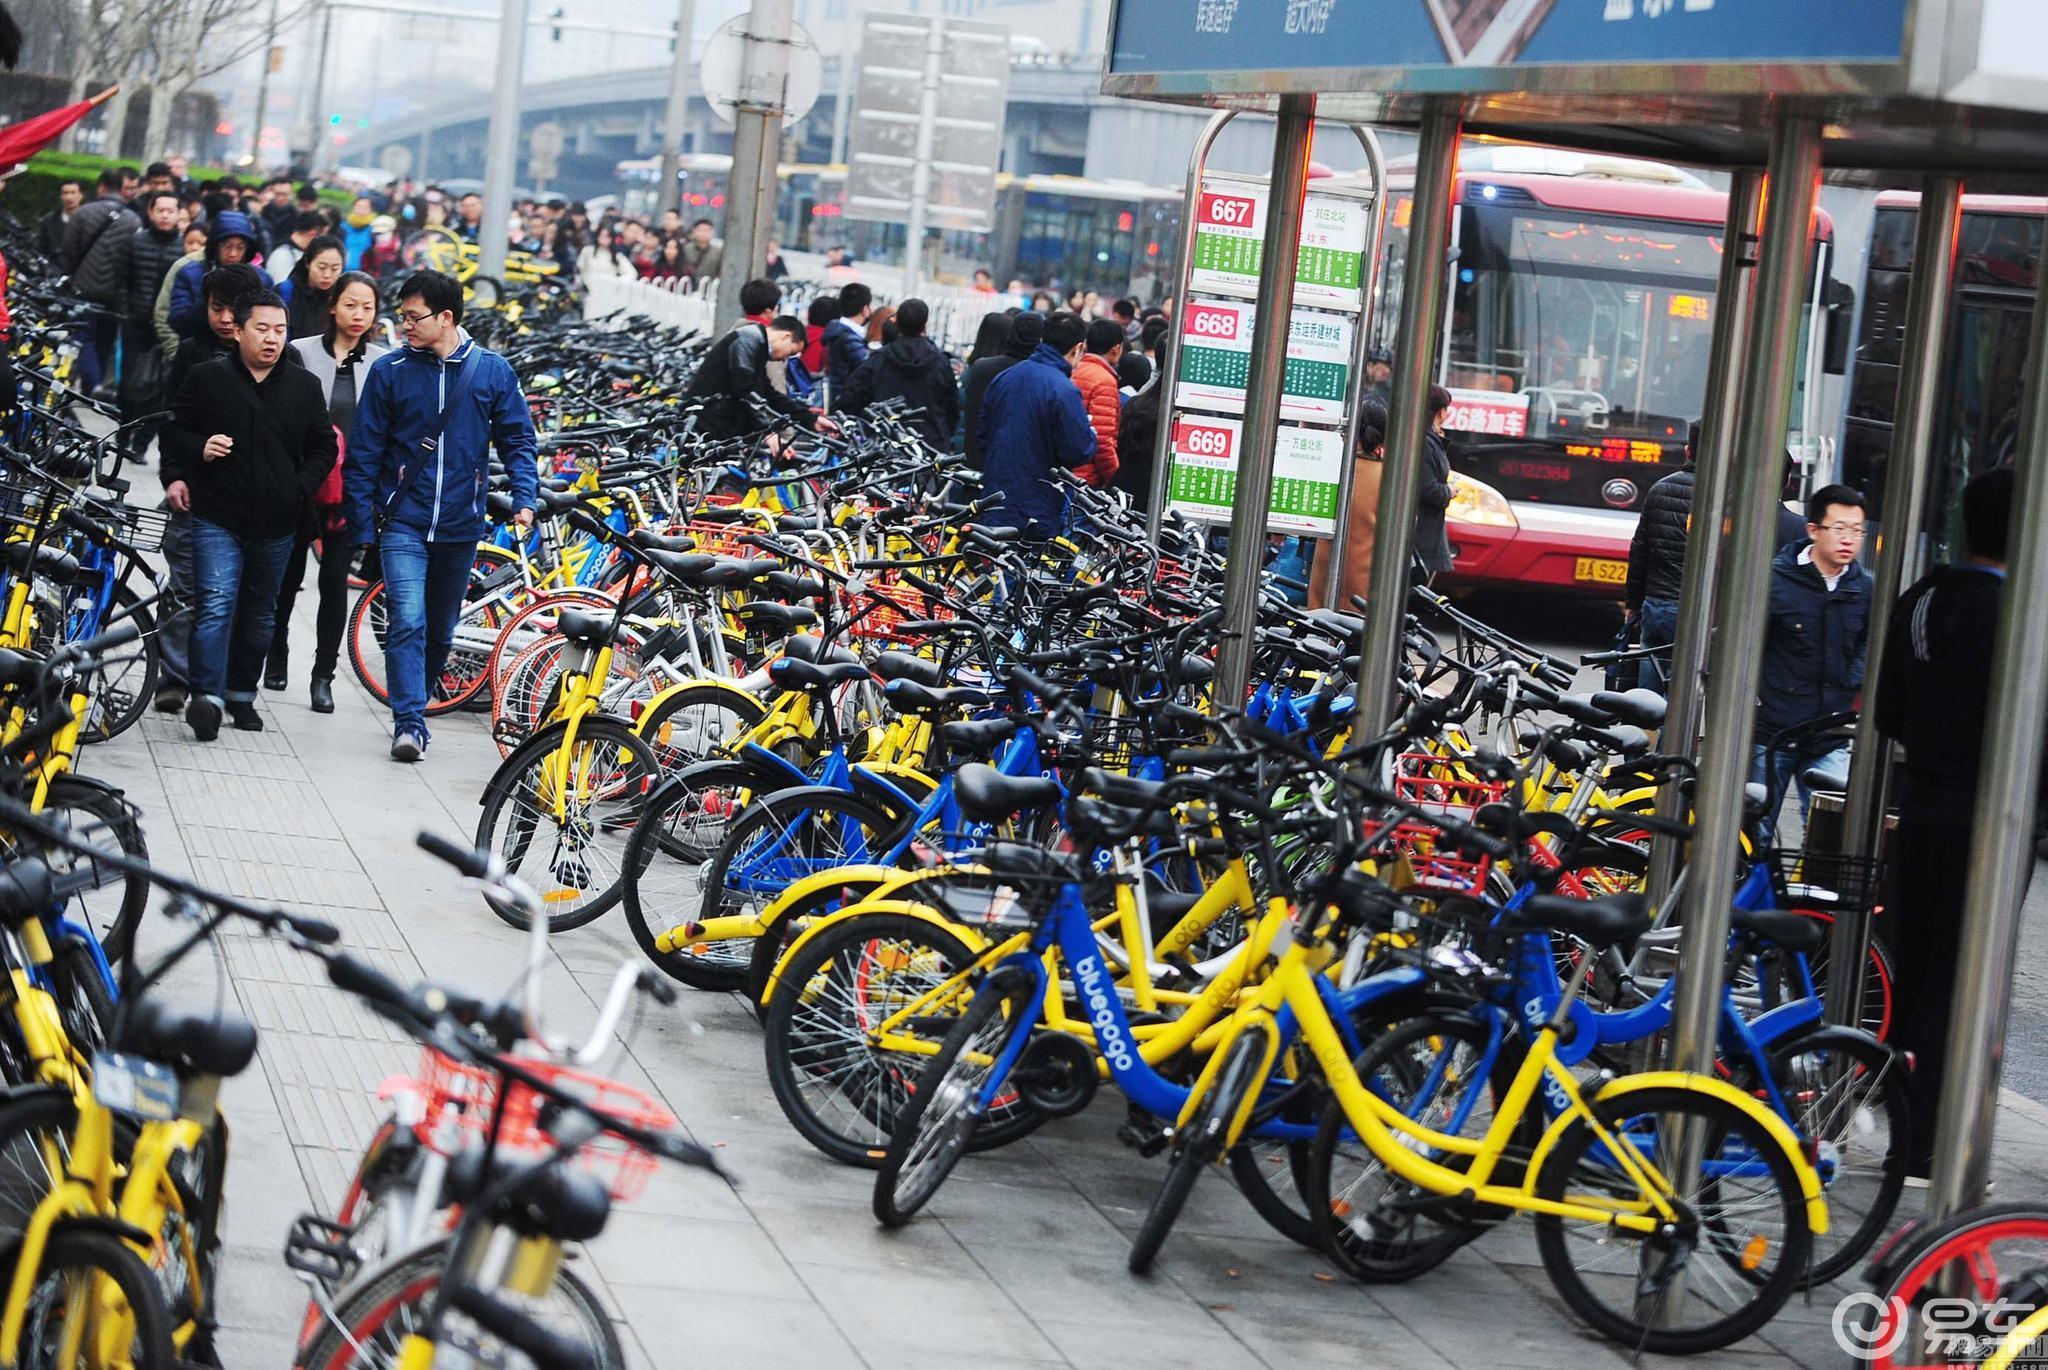 北京燕落寨到寺上可乘坐公交车:郊80路 - 北京公交车网